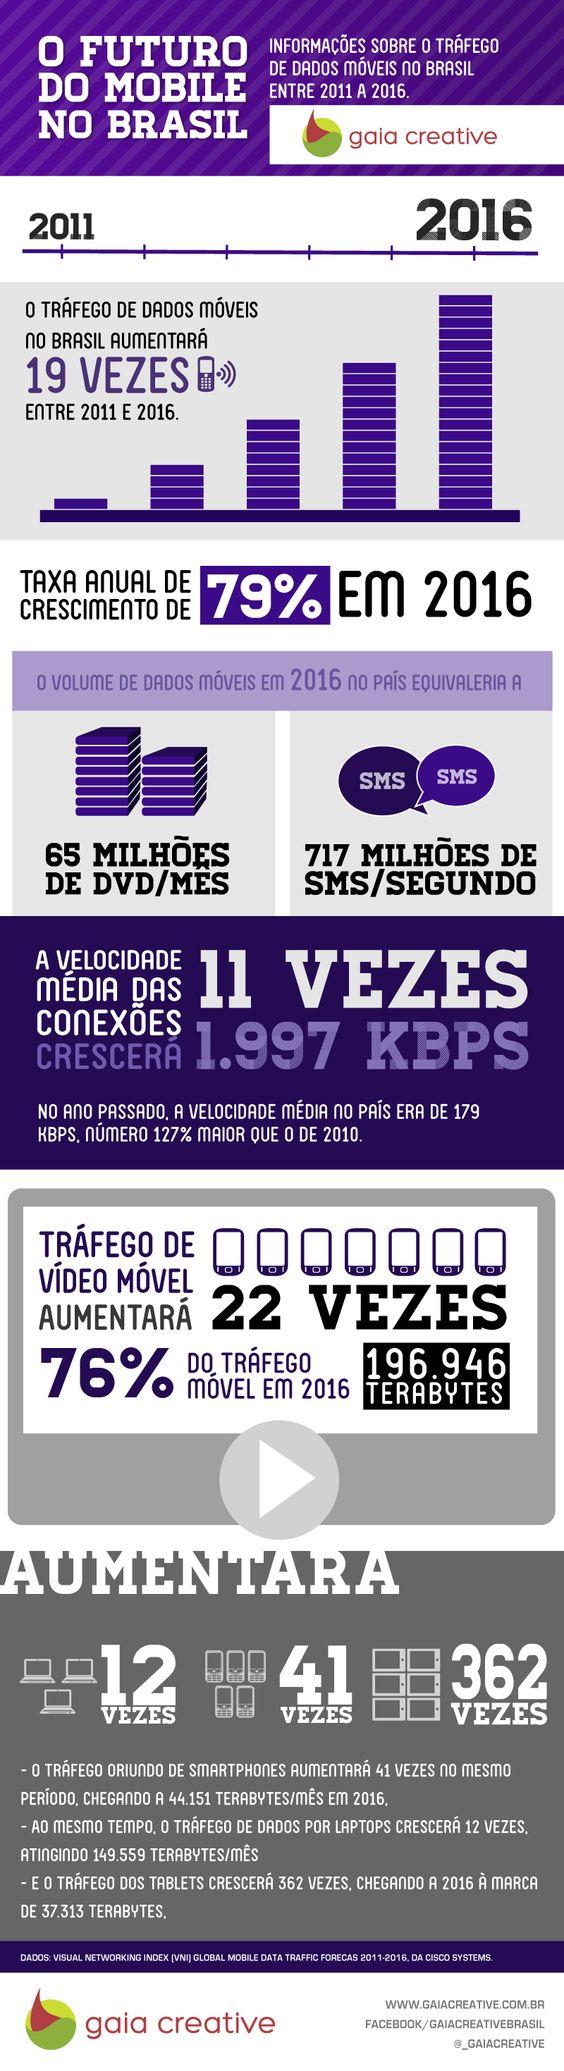 Infográfico bacana sobre o uso de celular (clique e confira)